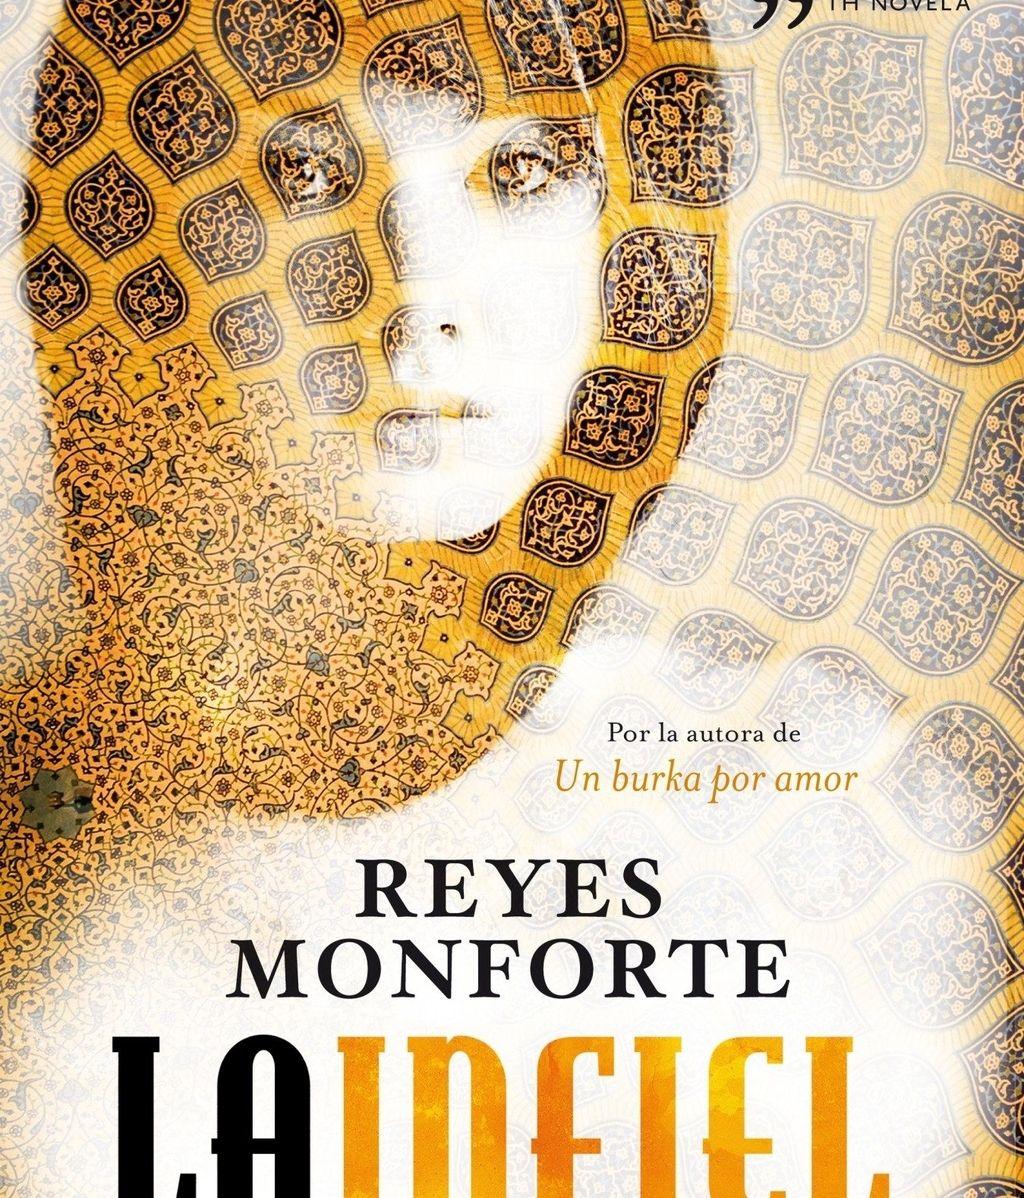 Portada del libro 'La infiel', de Reyes Monforte